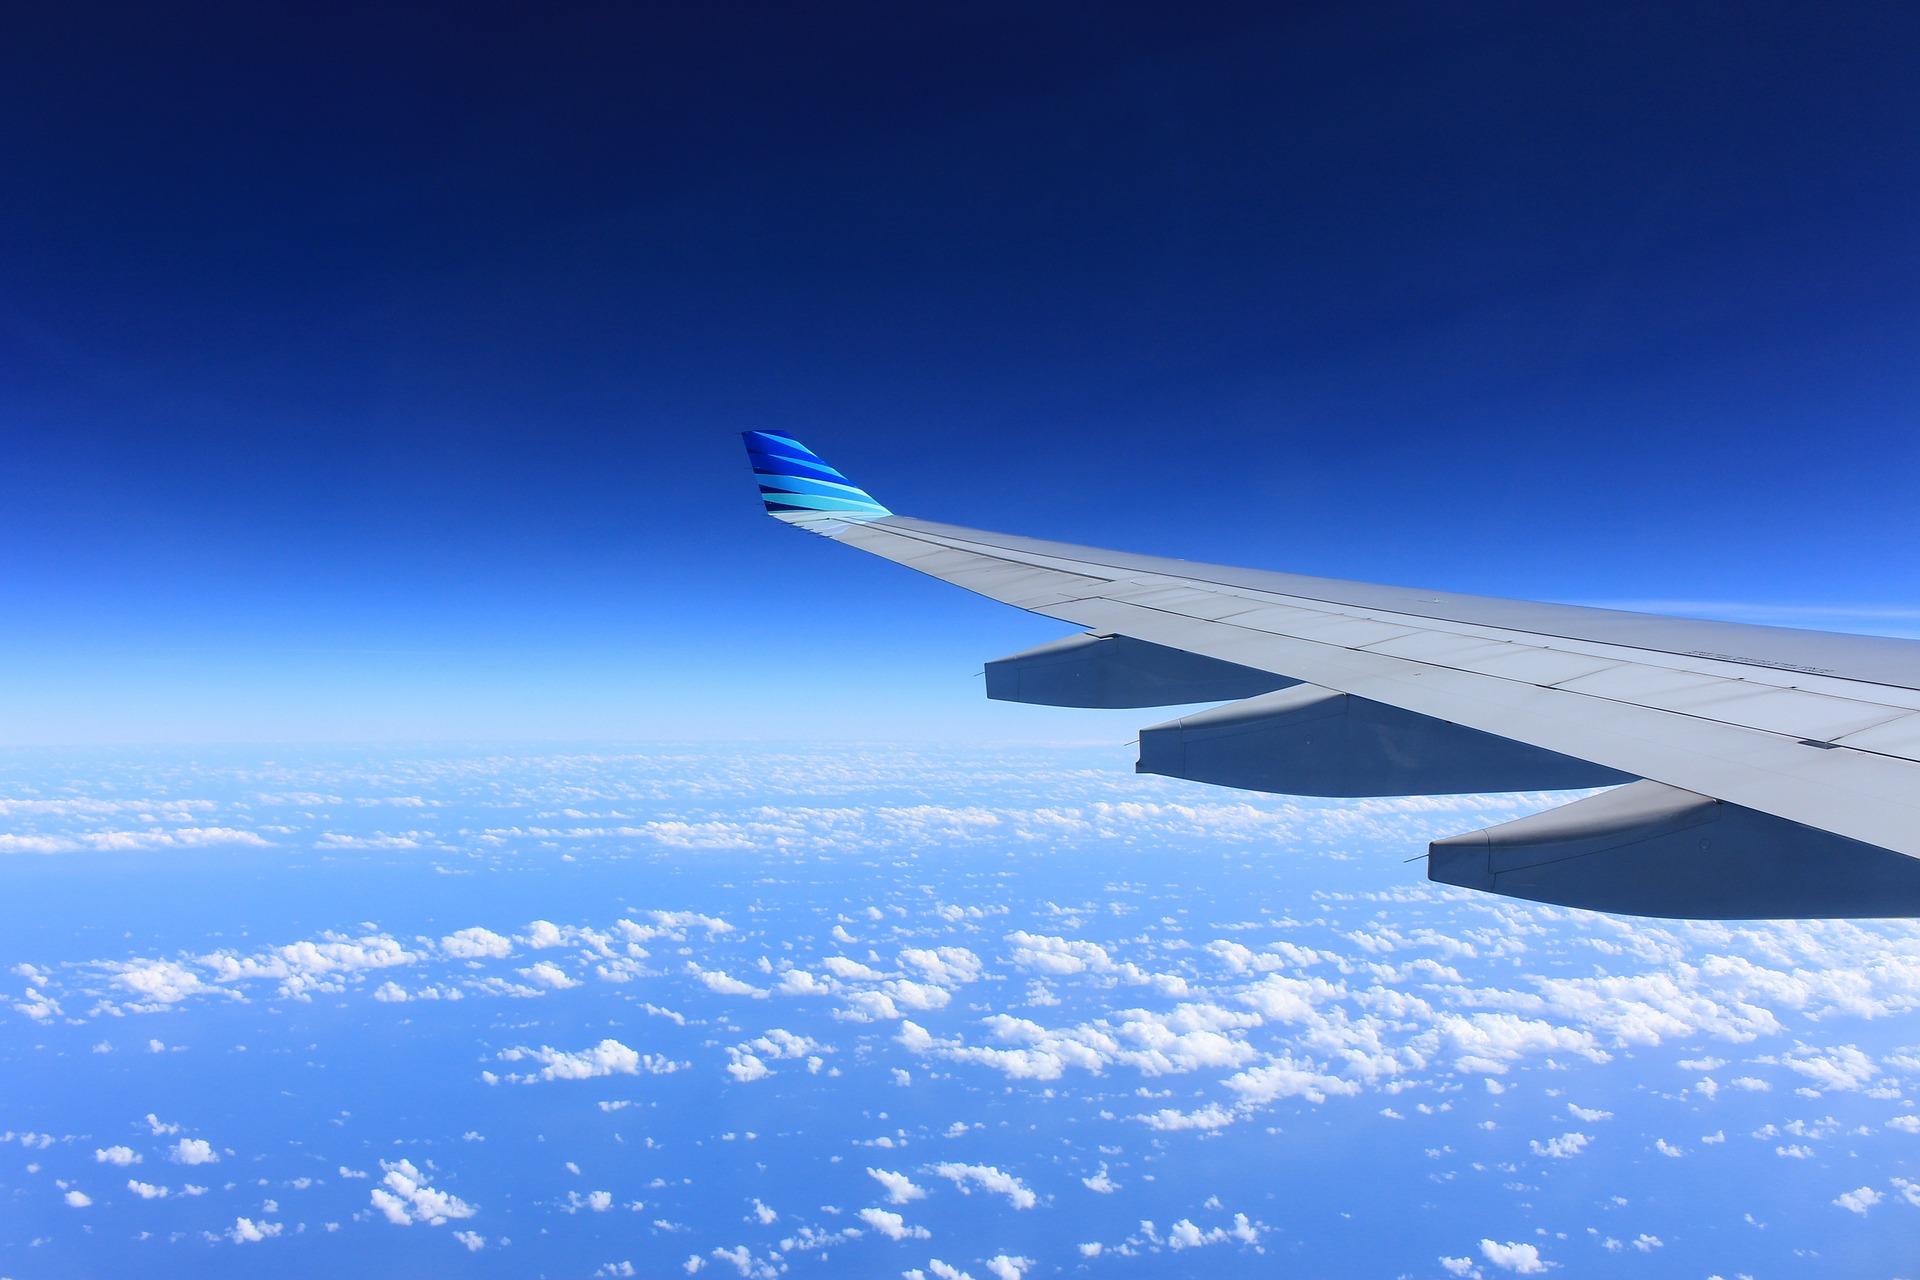 картинки авиалайнера в полете известный диетолог, который